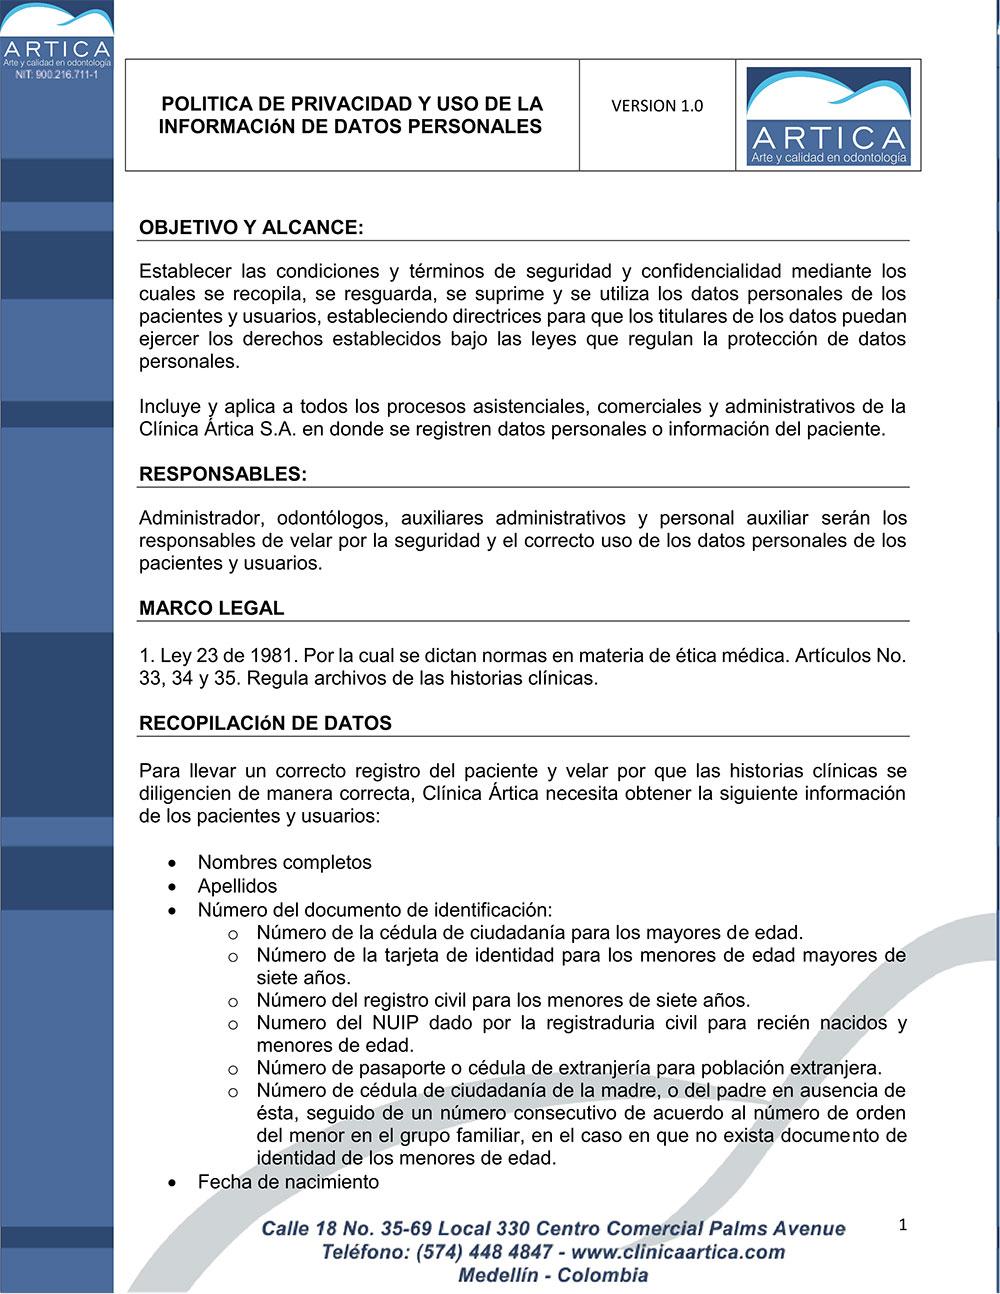 politica-de-privacidad-y-uso-de-datos-personales-clinica-artica